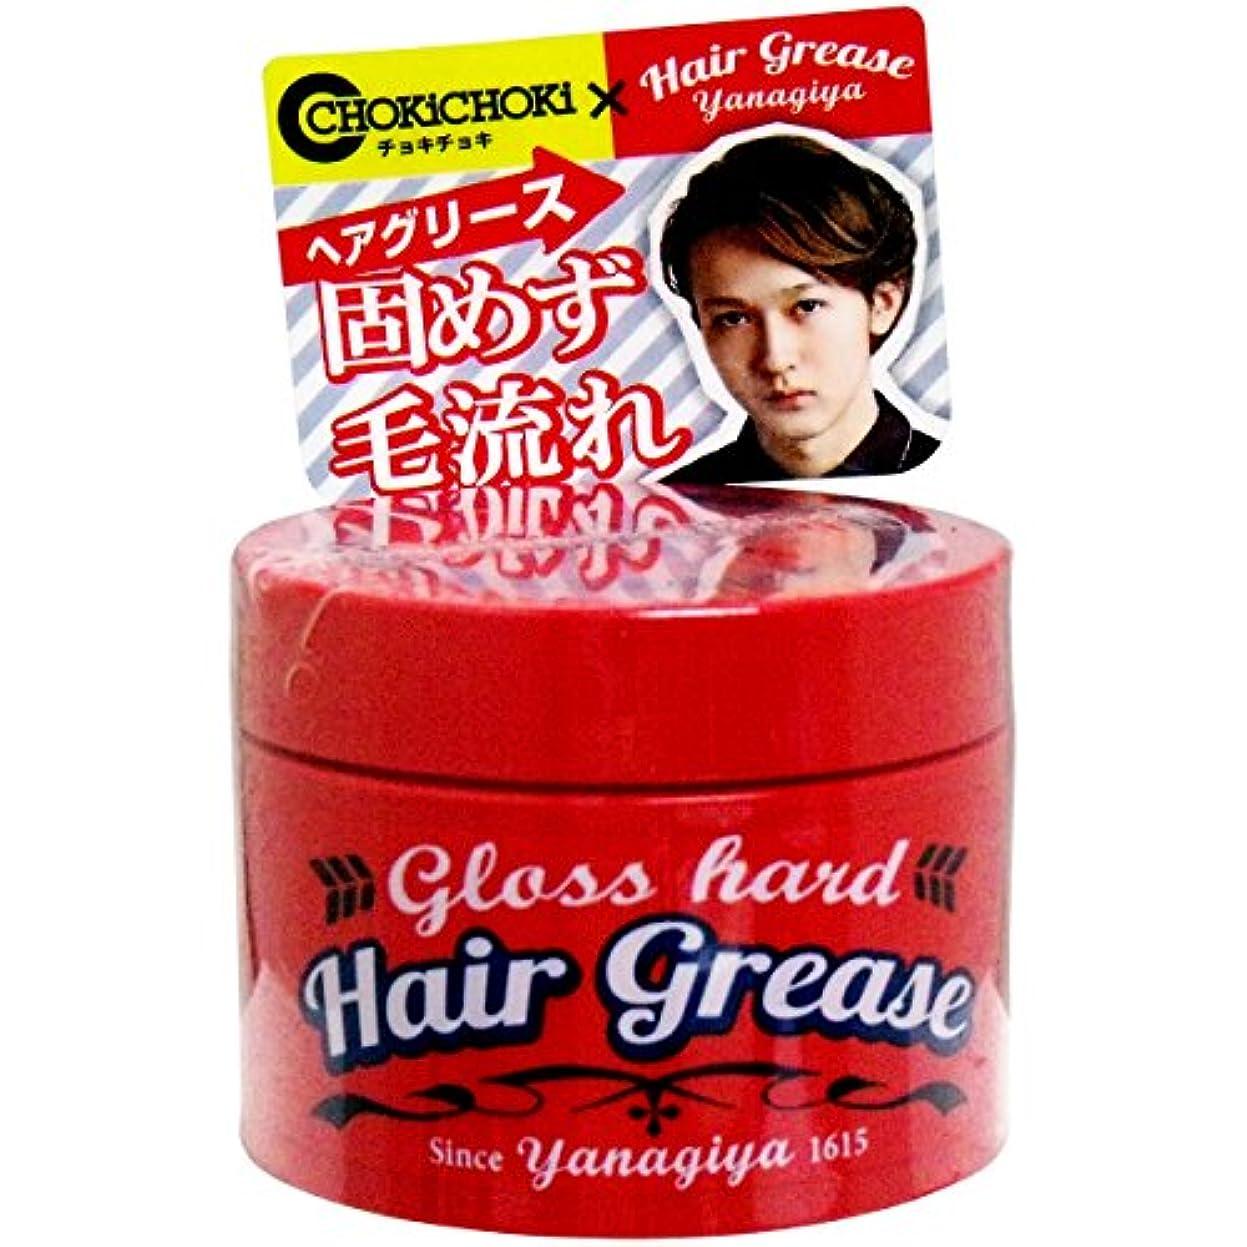 議論するお父さん騙すヘアワックス 固めず毛流れ 使いやすい YANAGIYA ヘアグリース グロスハード 90g入【2個セット】